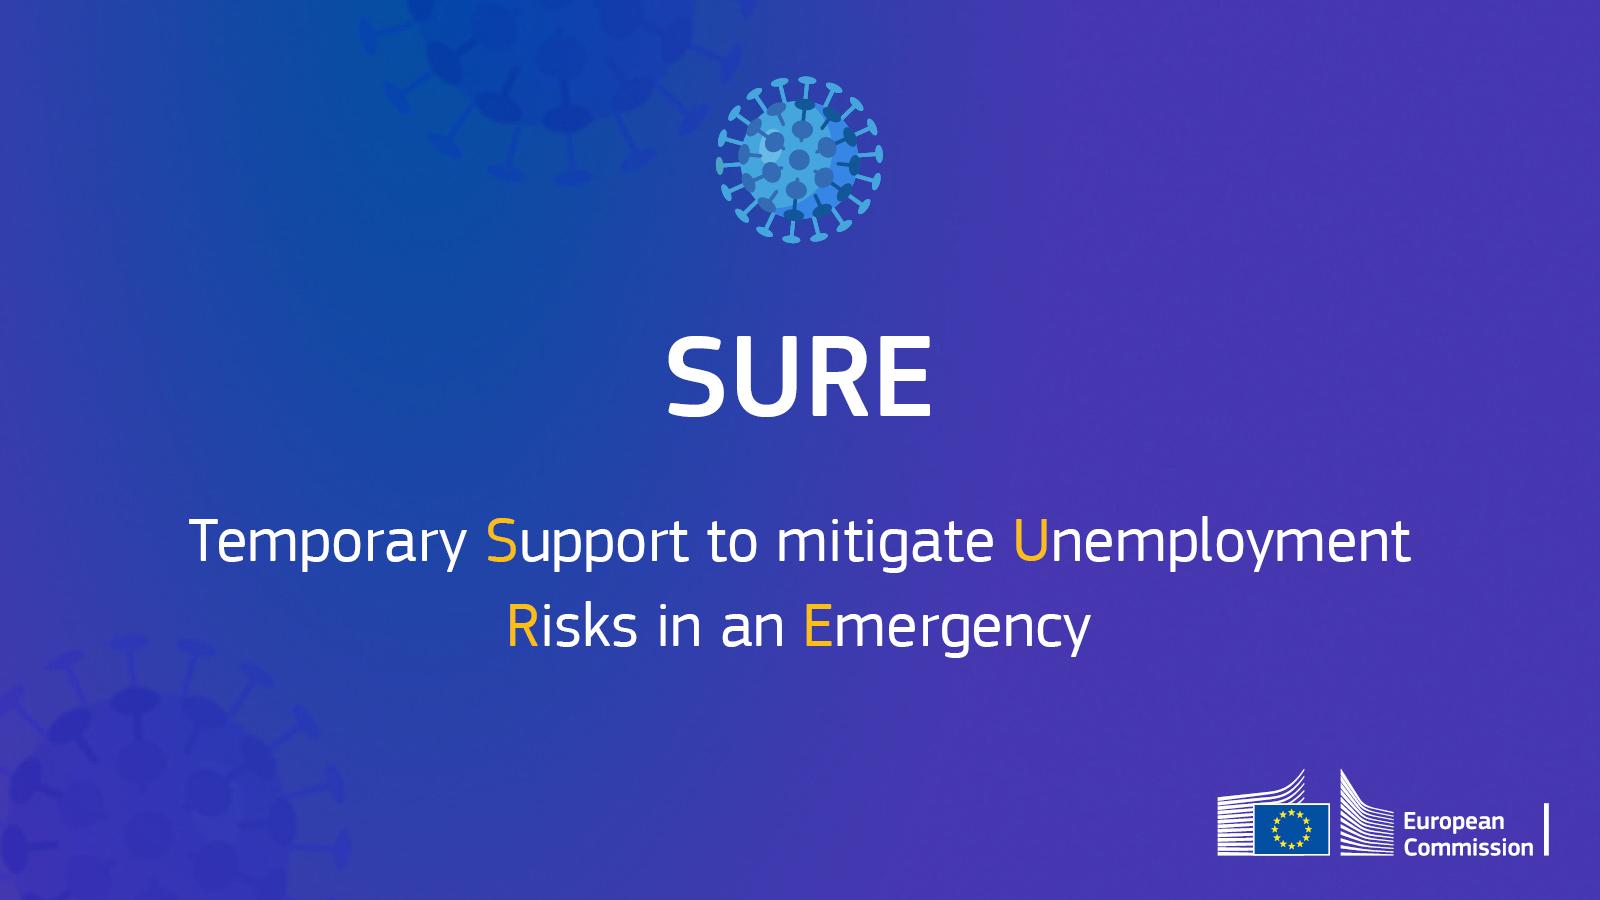 COVID-19: Veće utvrdilo privremenu podršku radi smanjenja rizika od nezaposlenosti u vanrednoj situaciji: SURE